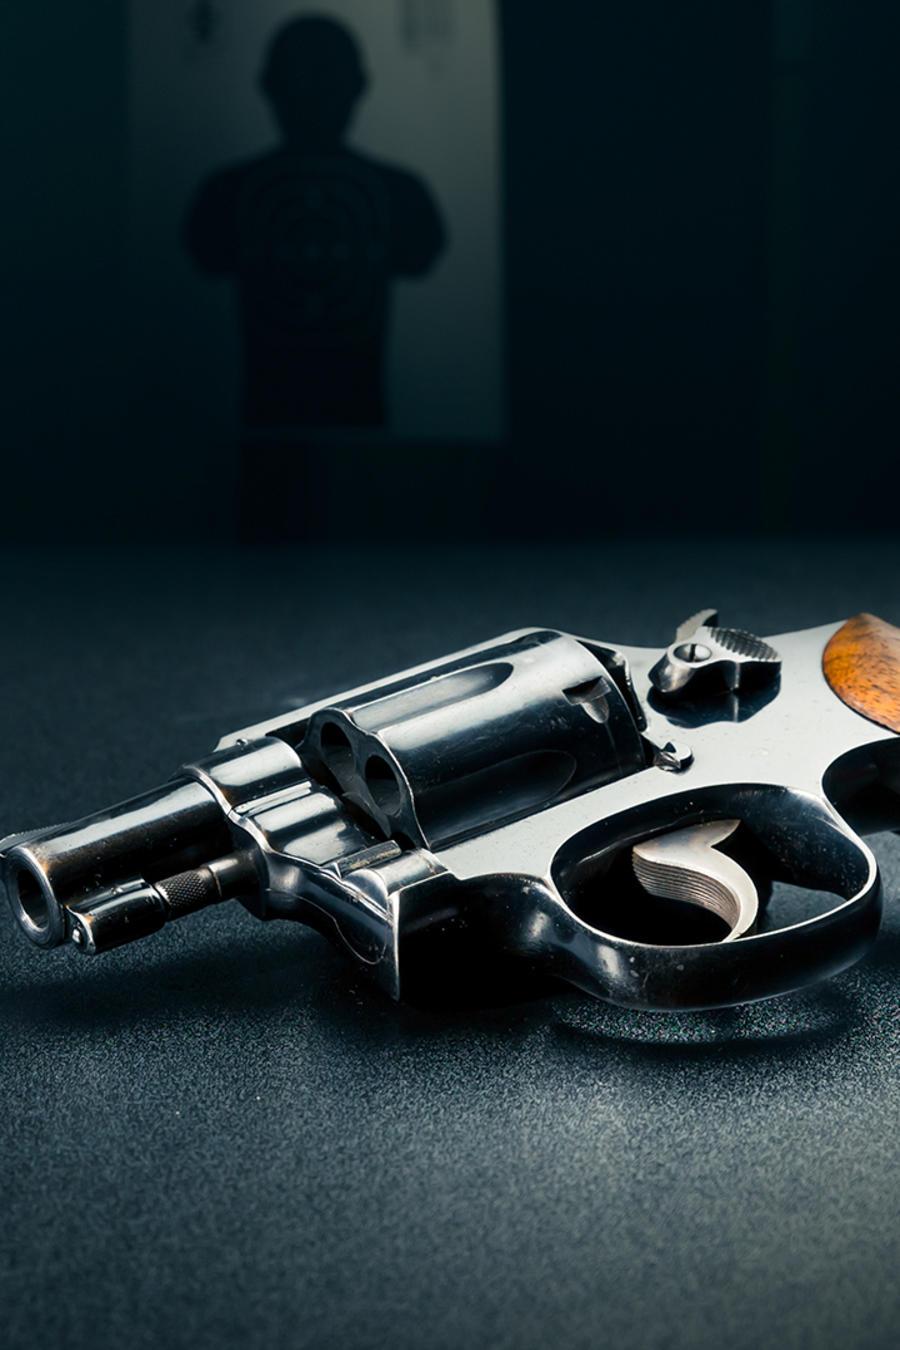 pistola y balas